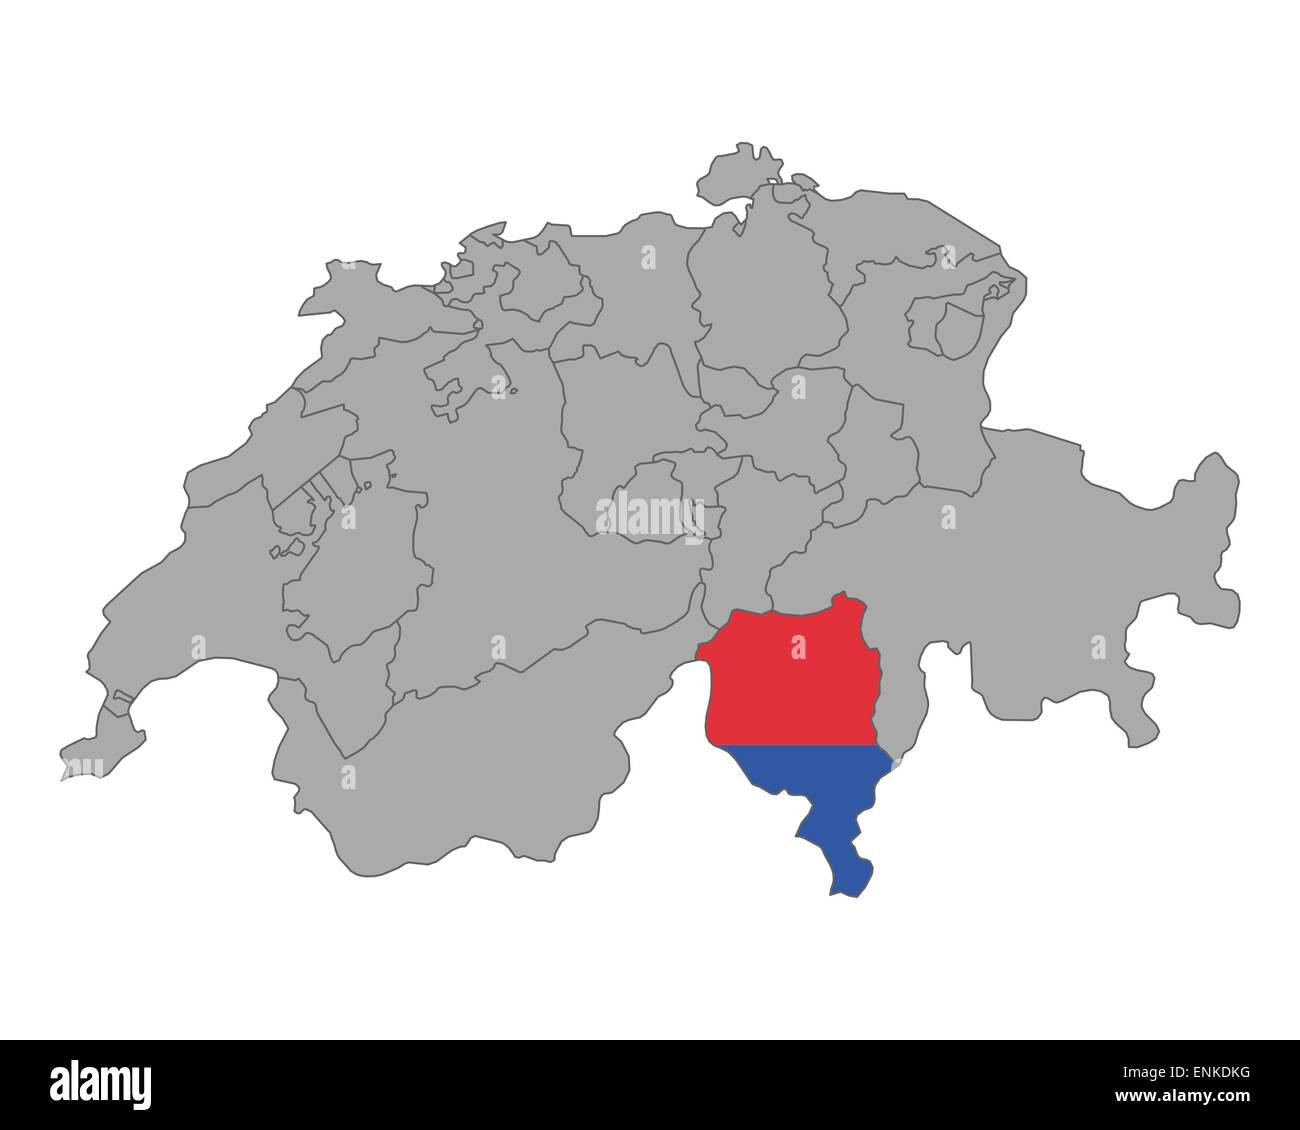 Cartina Ticino Svizzera.Cartina Della Svizzera Con La Bandiera Del Ticino Foto Stock Alamy